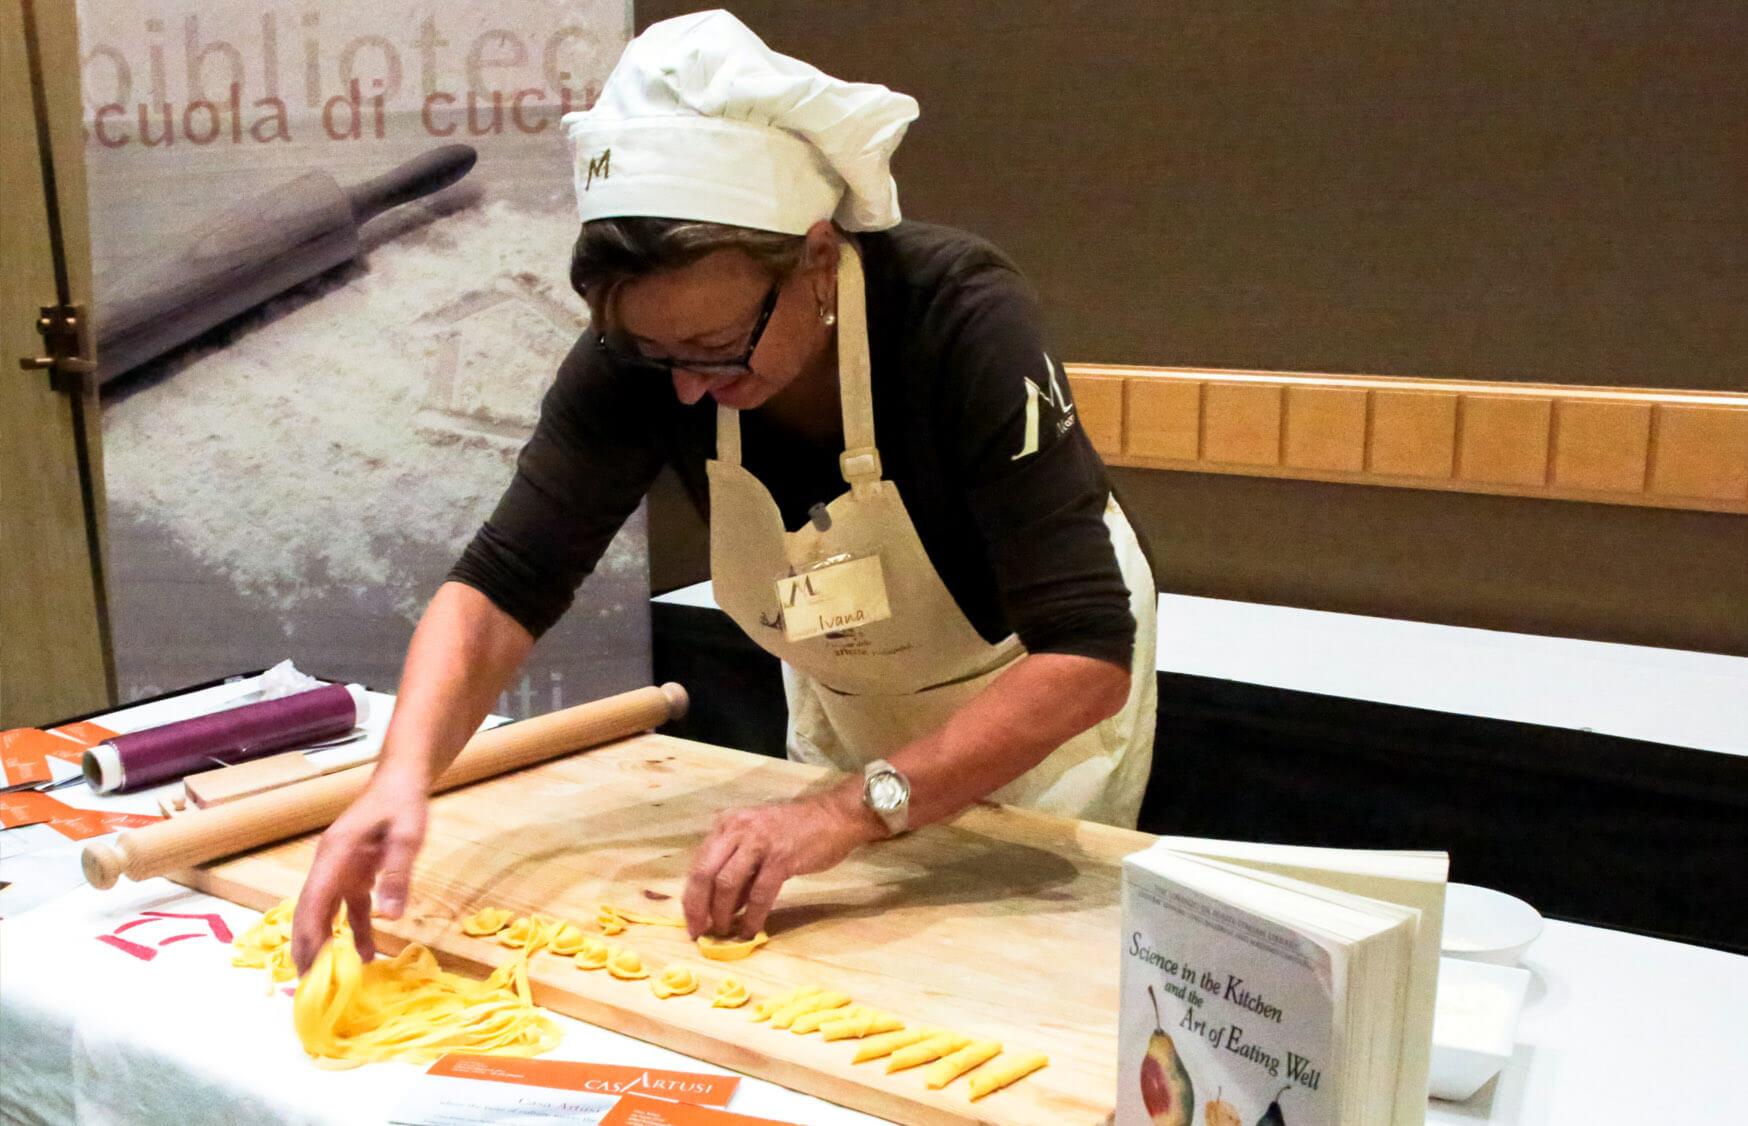 ICCBC Emilia Romagna Gala Pasta Making Show